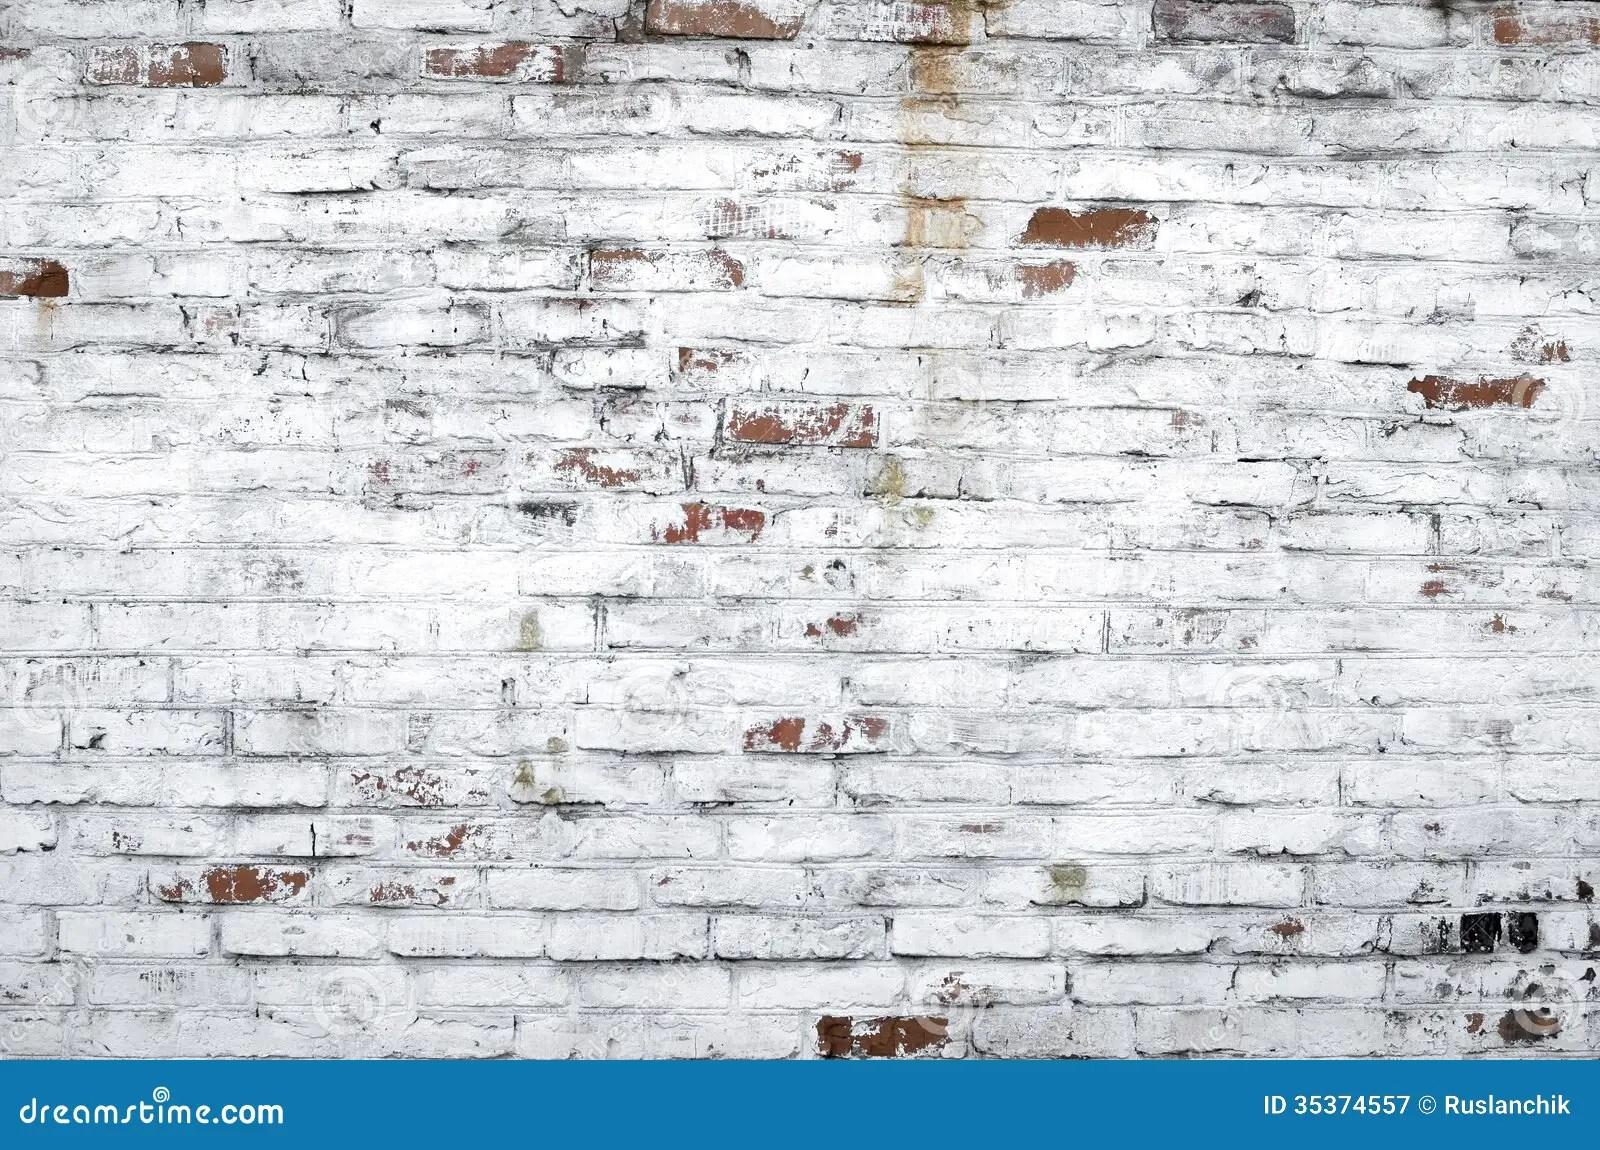 Vintage Brick Wallpaper 3d Old Brick Wall Stock Image Image Of Wall Masonry White